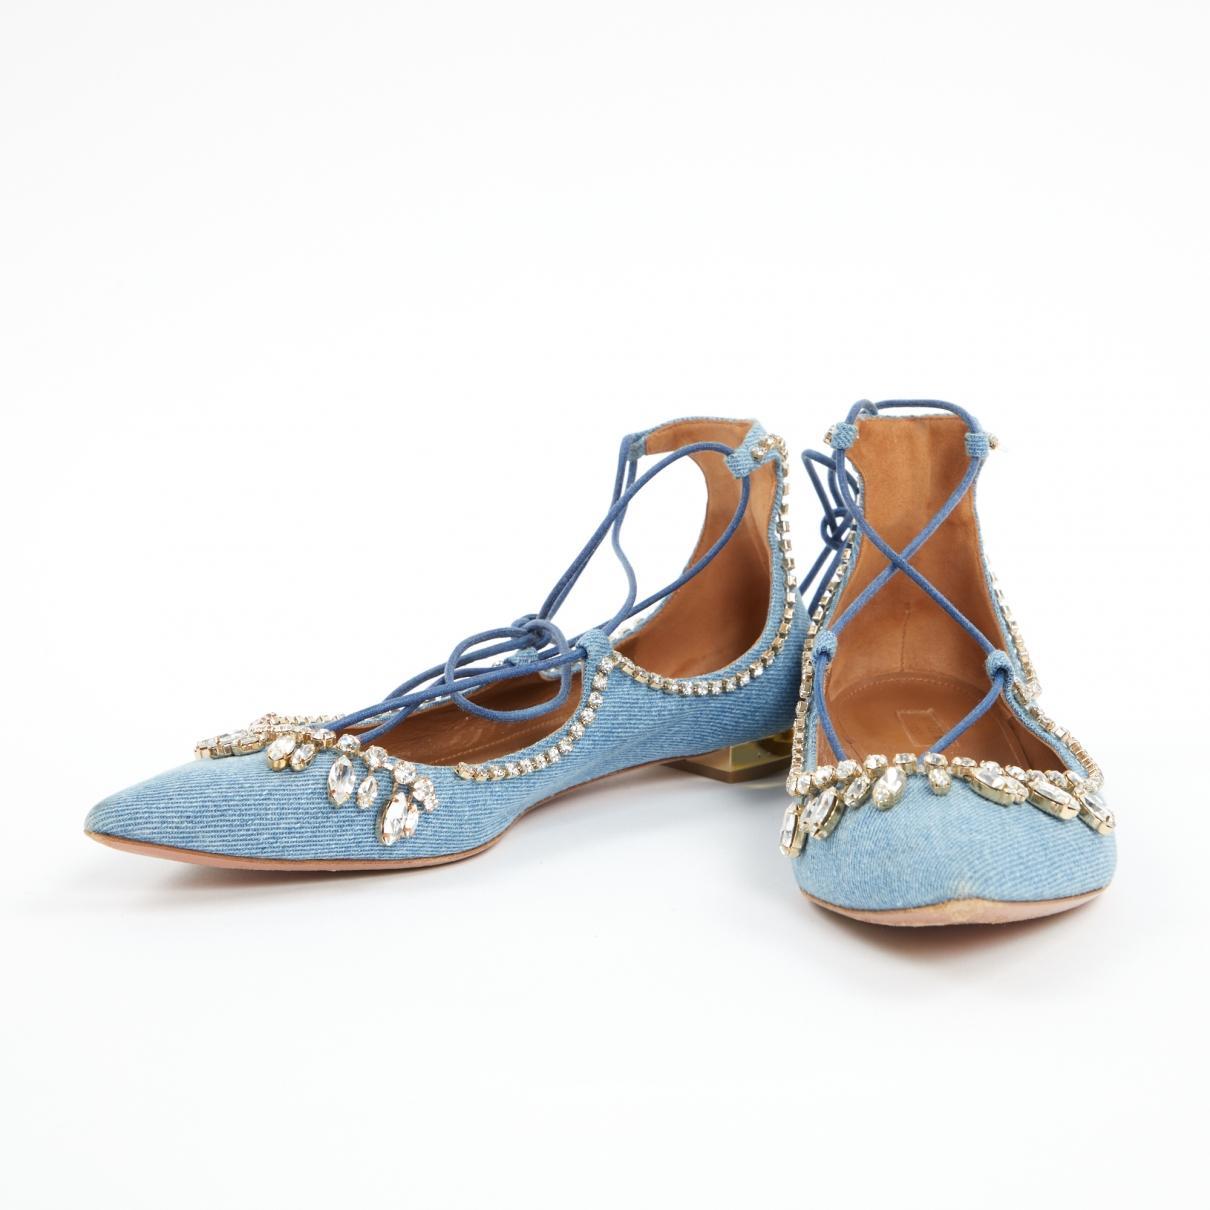 13d43951340 Aquazzura Christy Cloth Ballet Flats in Blue - Lyst